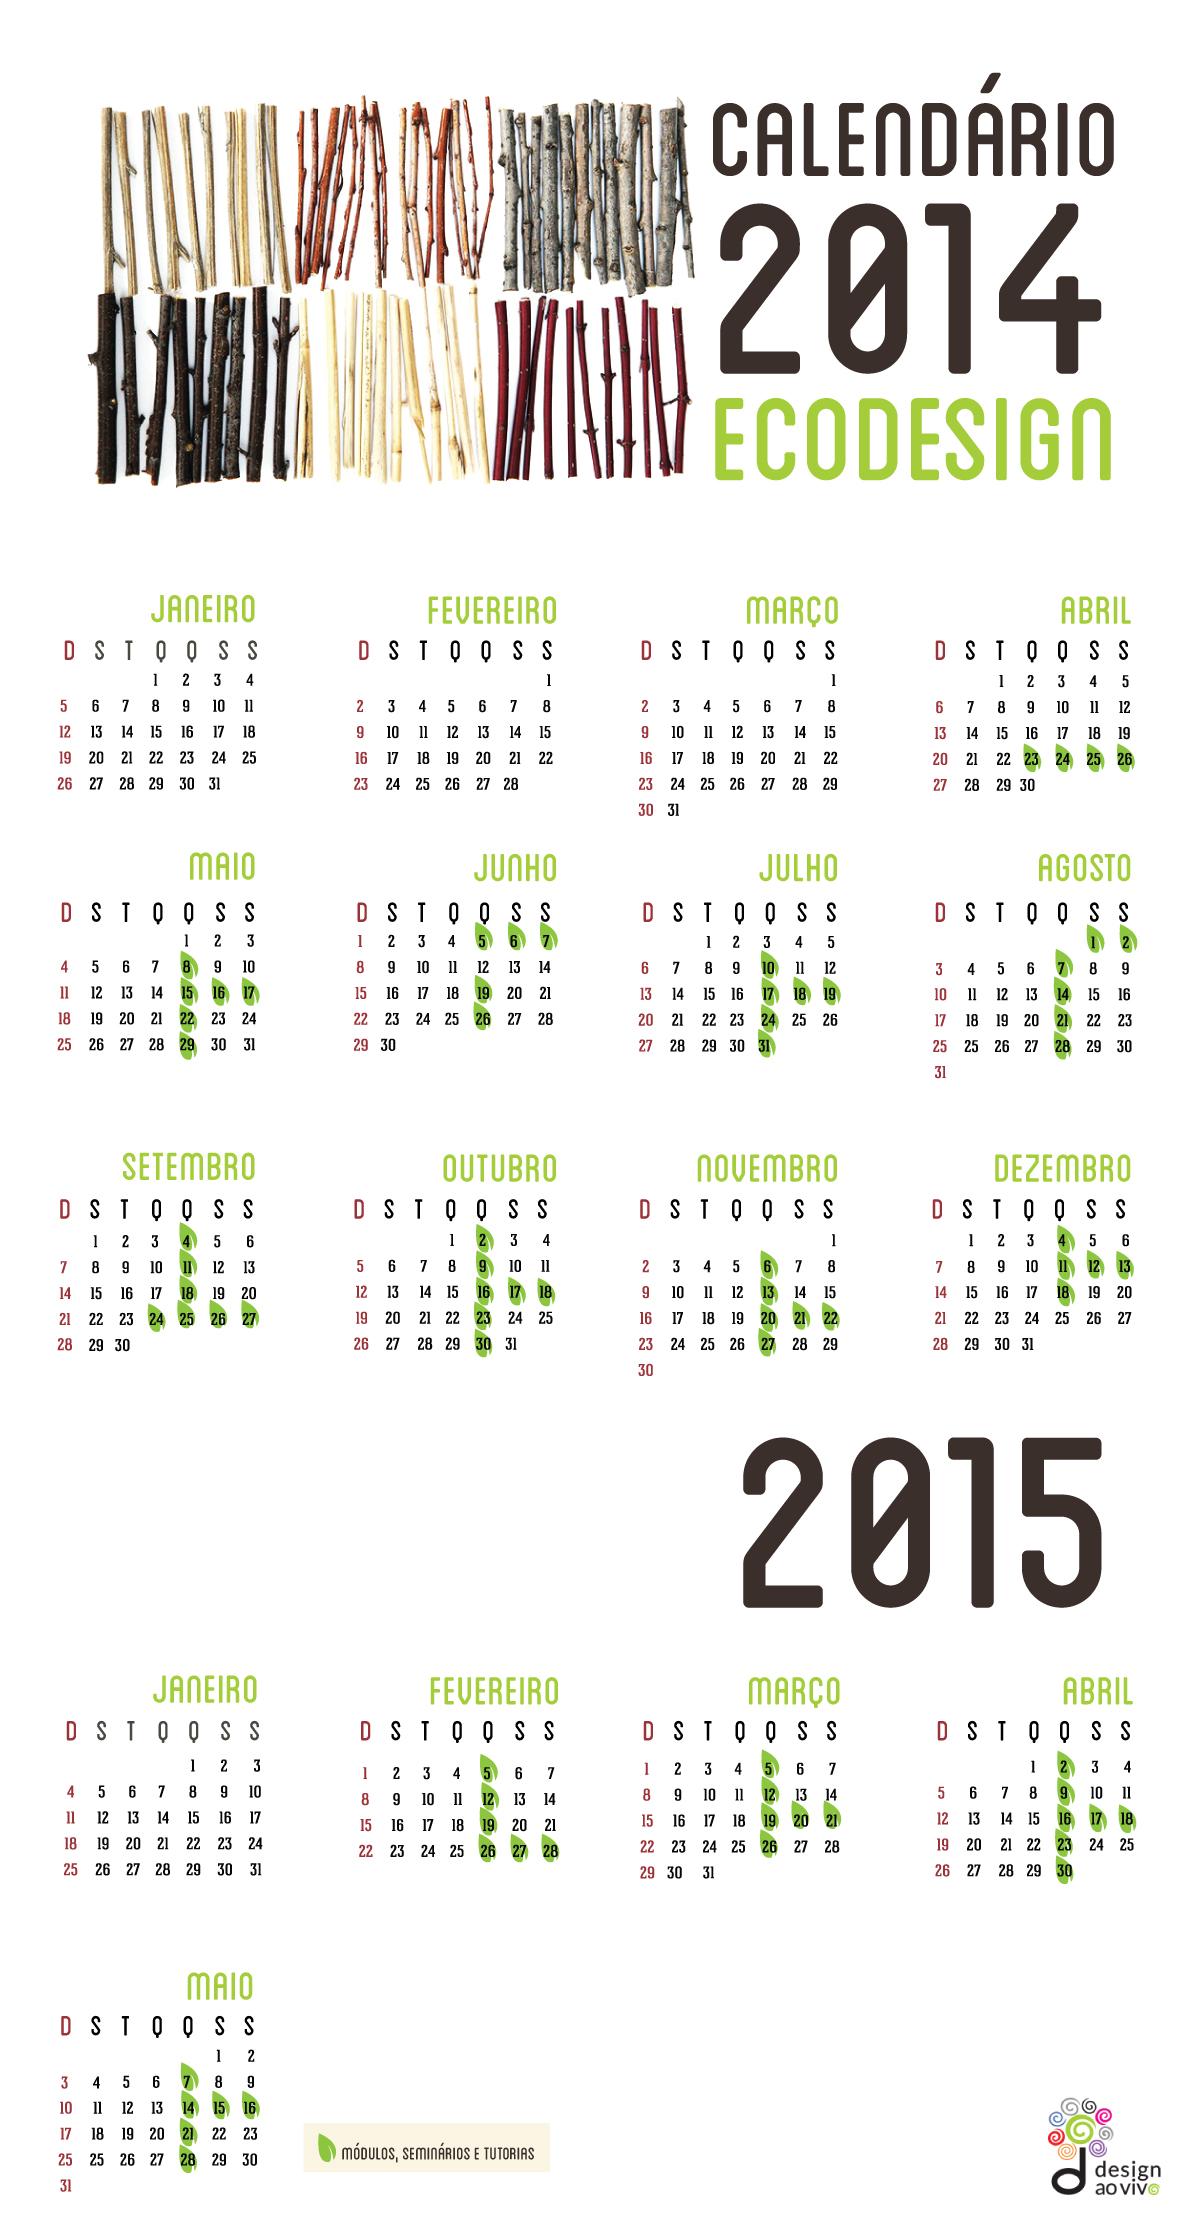 calendario-Ecodesign